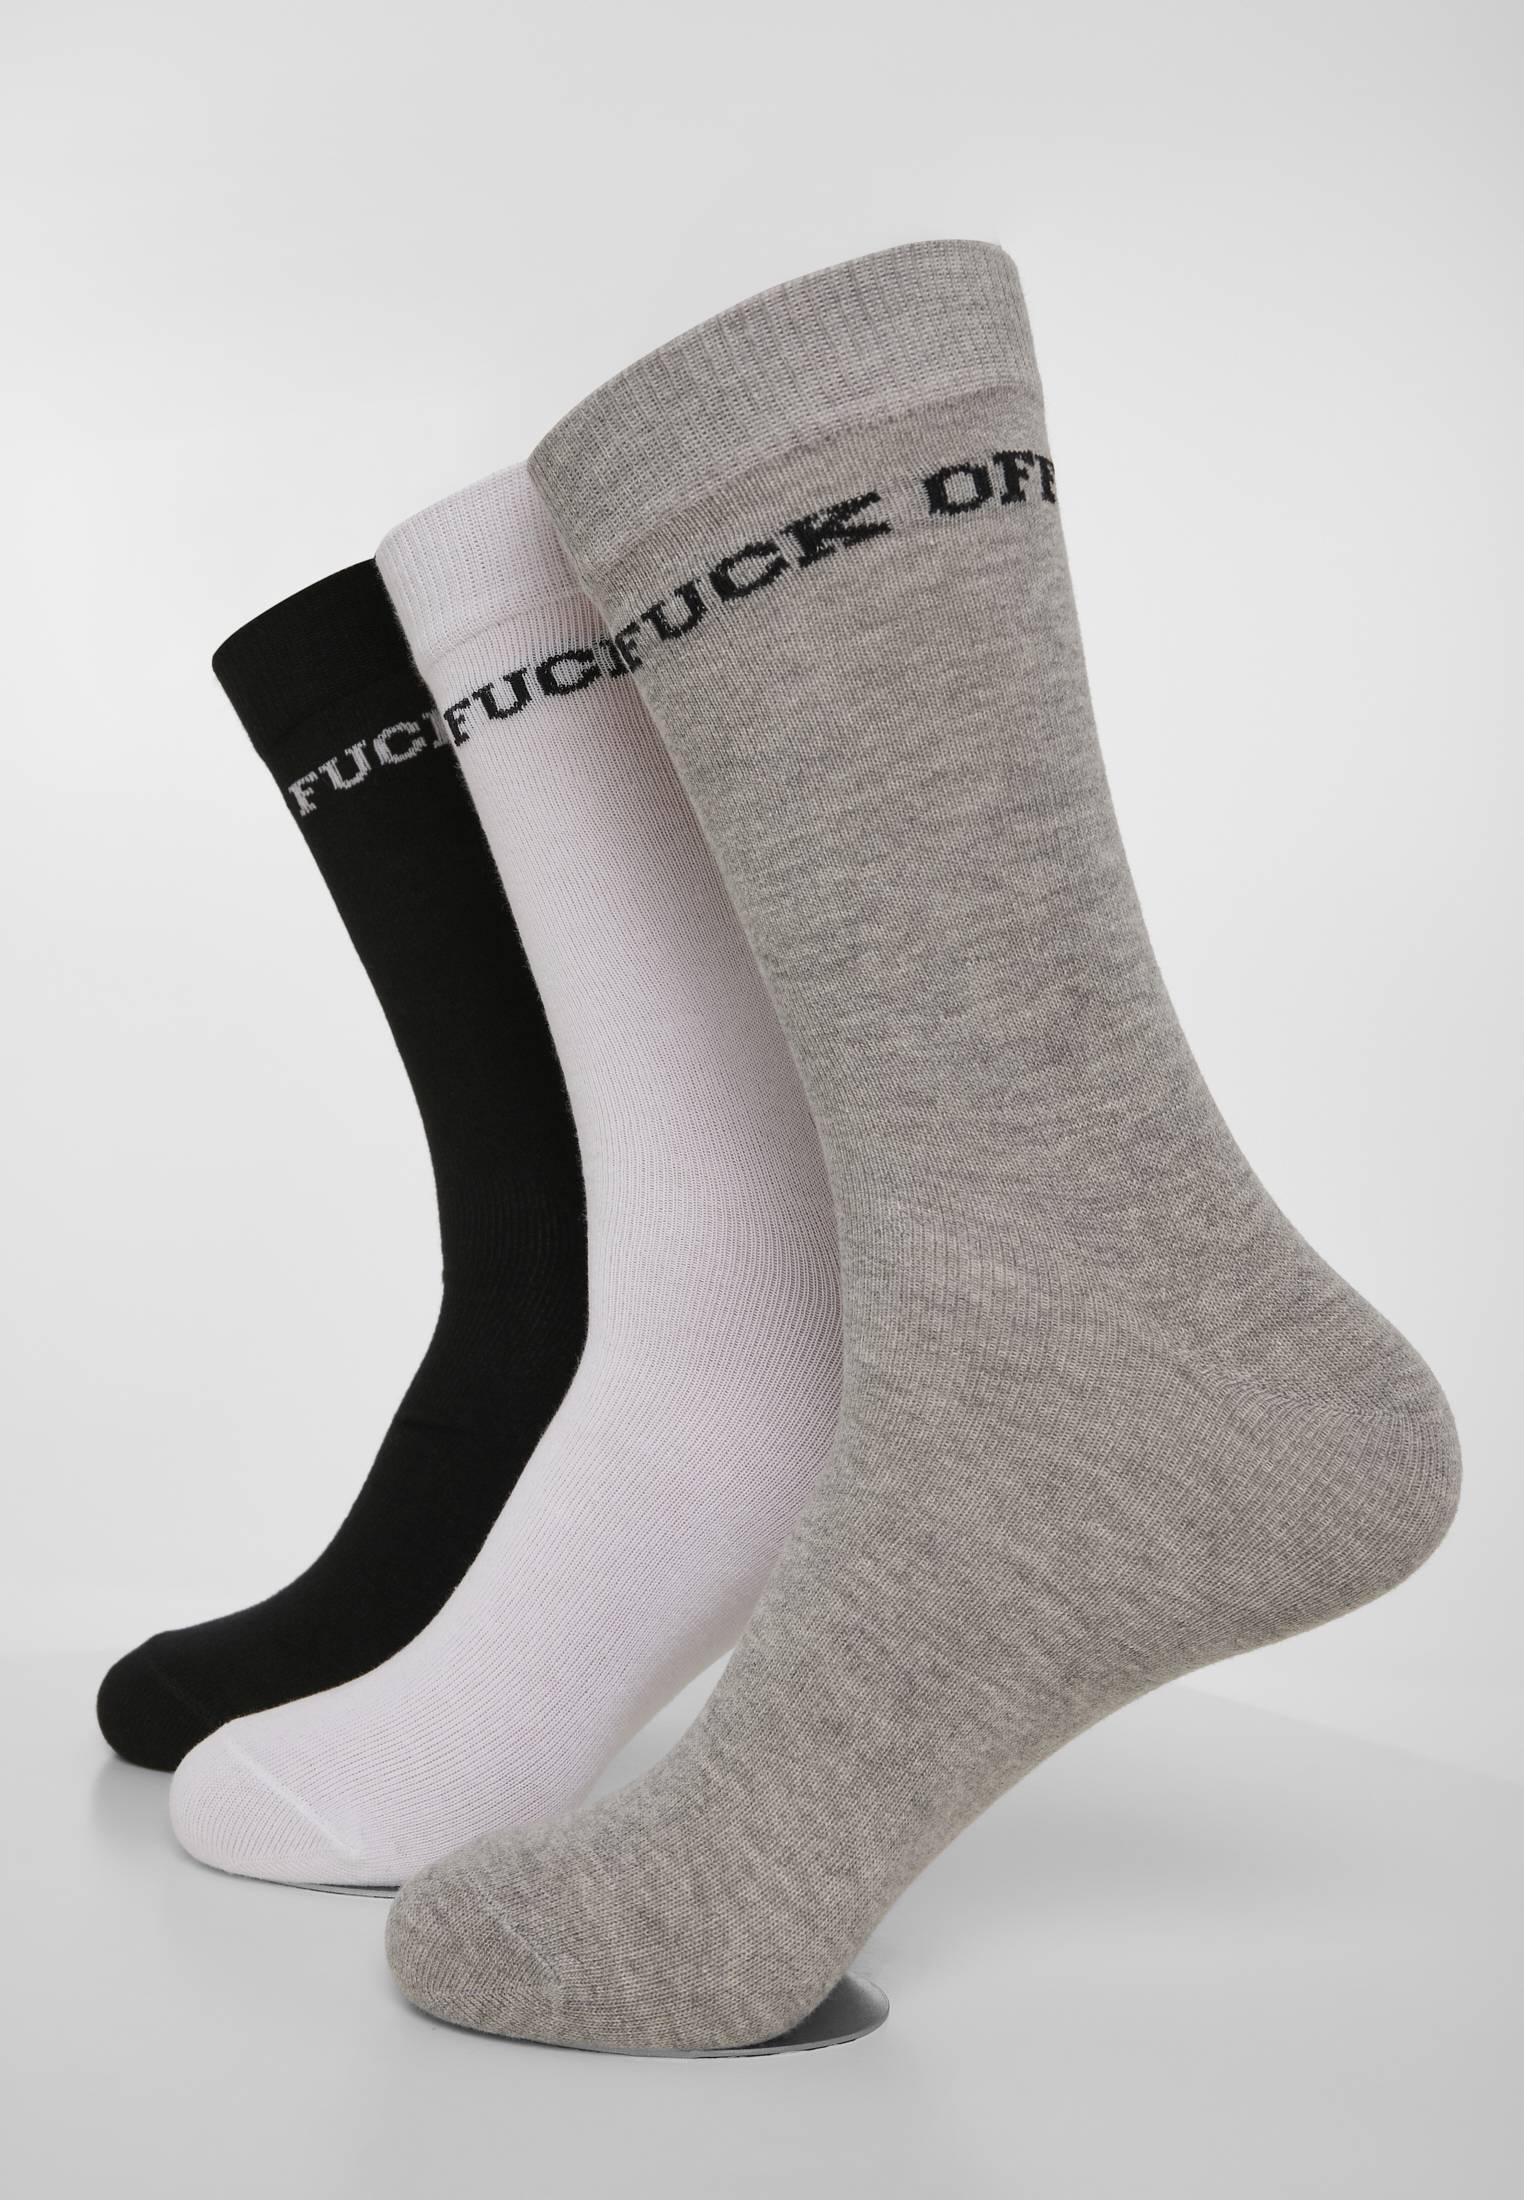 Mister Tee Fuck Off Socks 3-Pack black/grey/white - 43-46